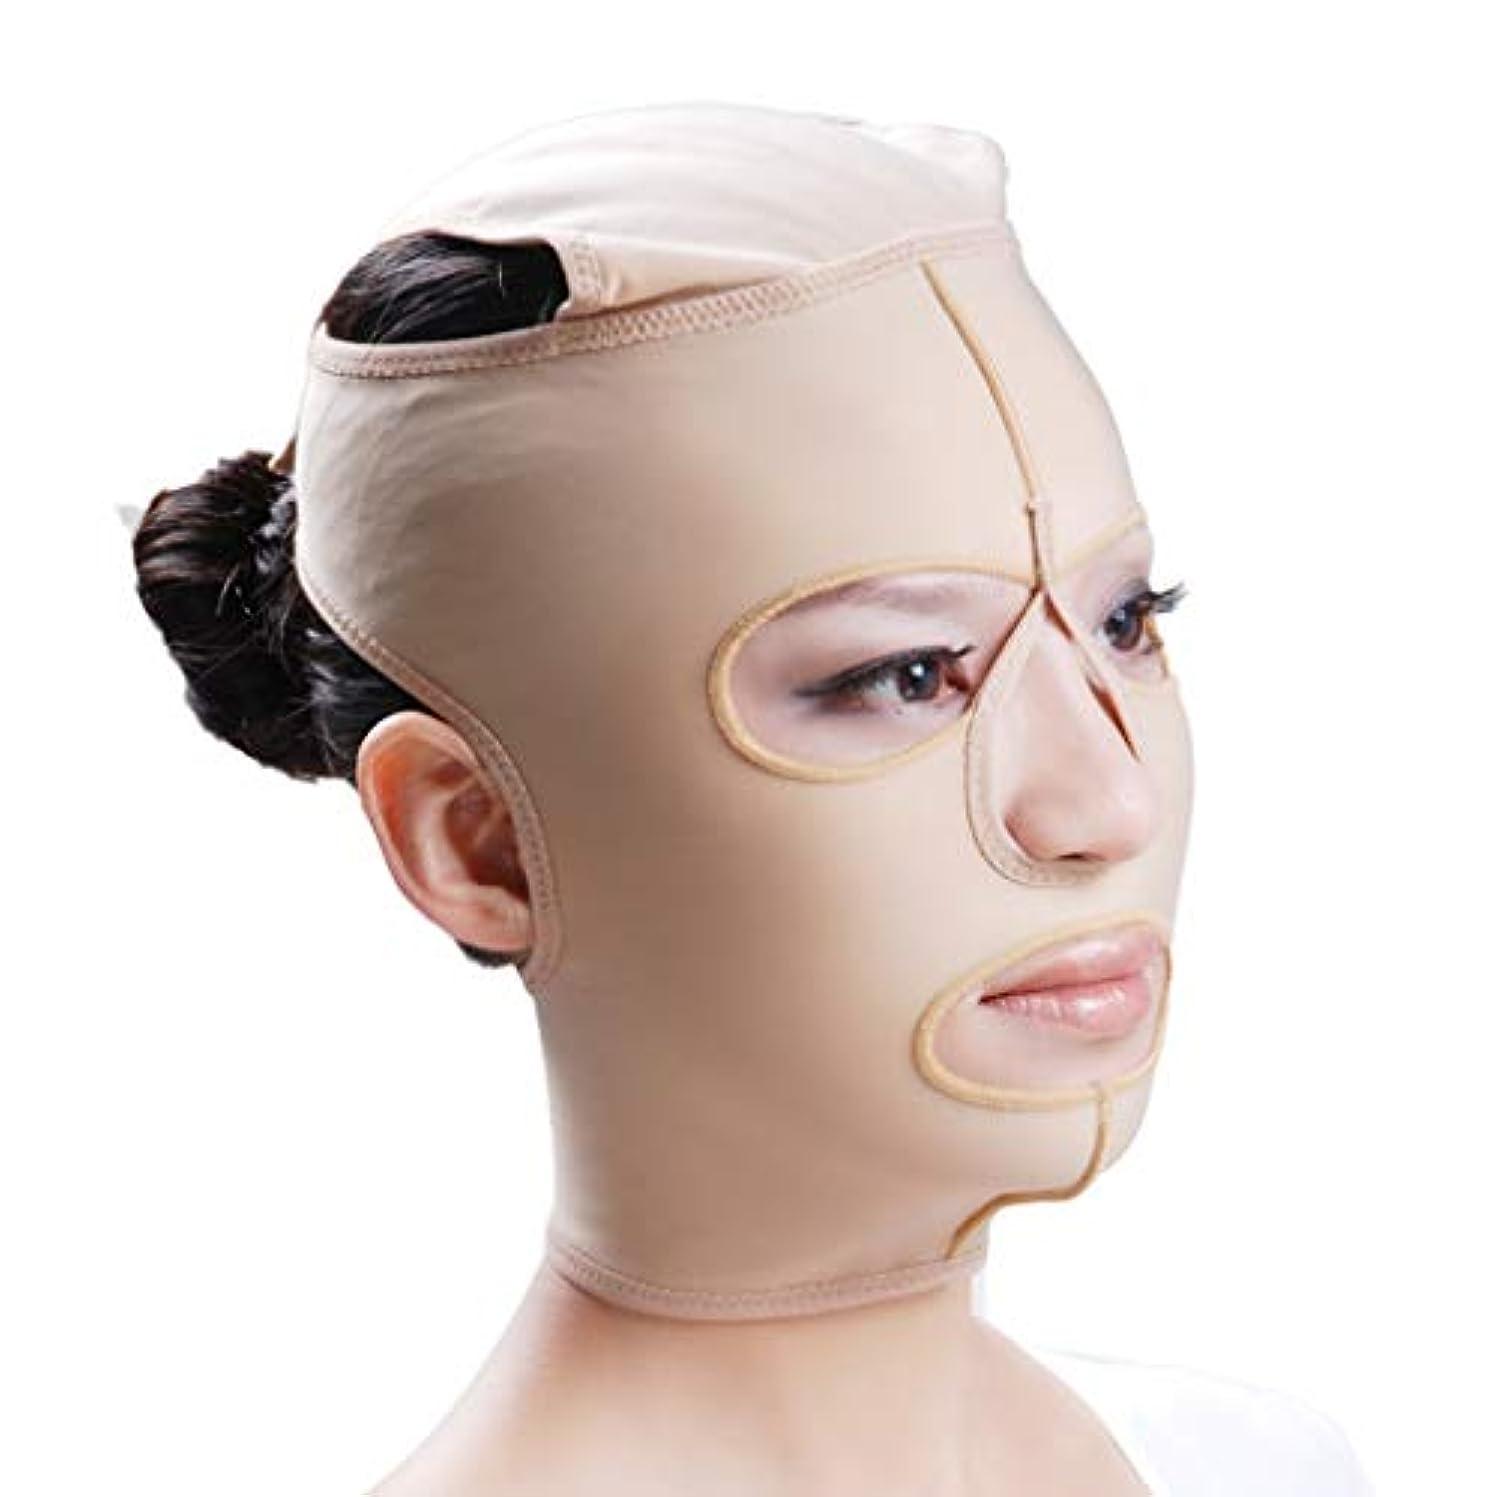 赤ちゃん兄やるフェイスリフトマスク、フルフェイスマスク医療グレード圧力フェイスダブルチンプラスチック脂肪吸引術弾性包帯ヘッドギア後の顔の脂肪吸引術 (Size : L)